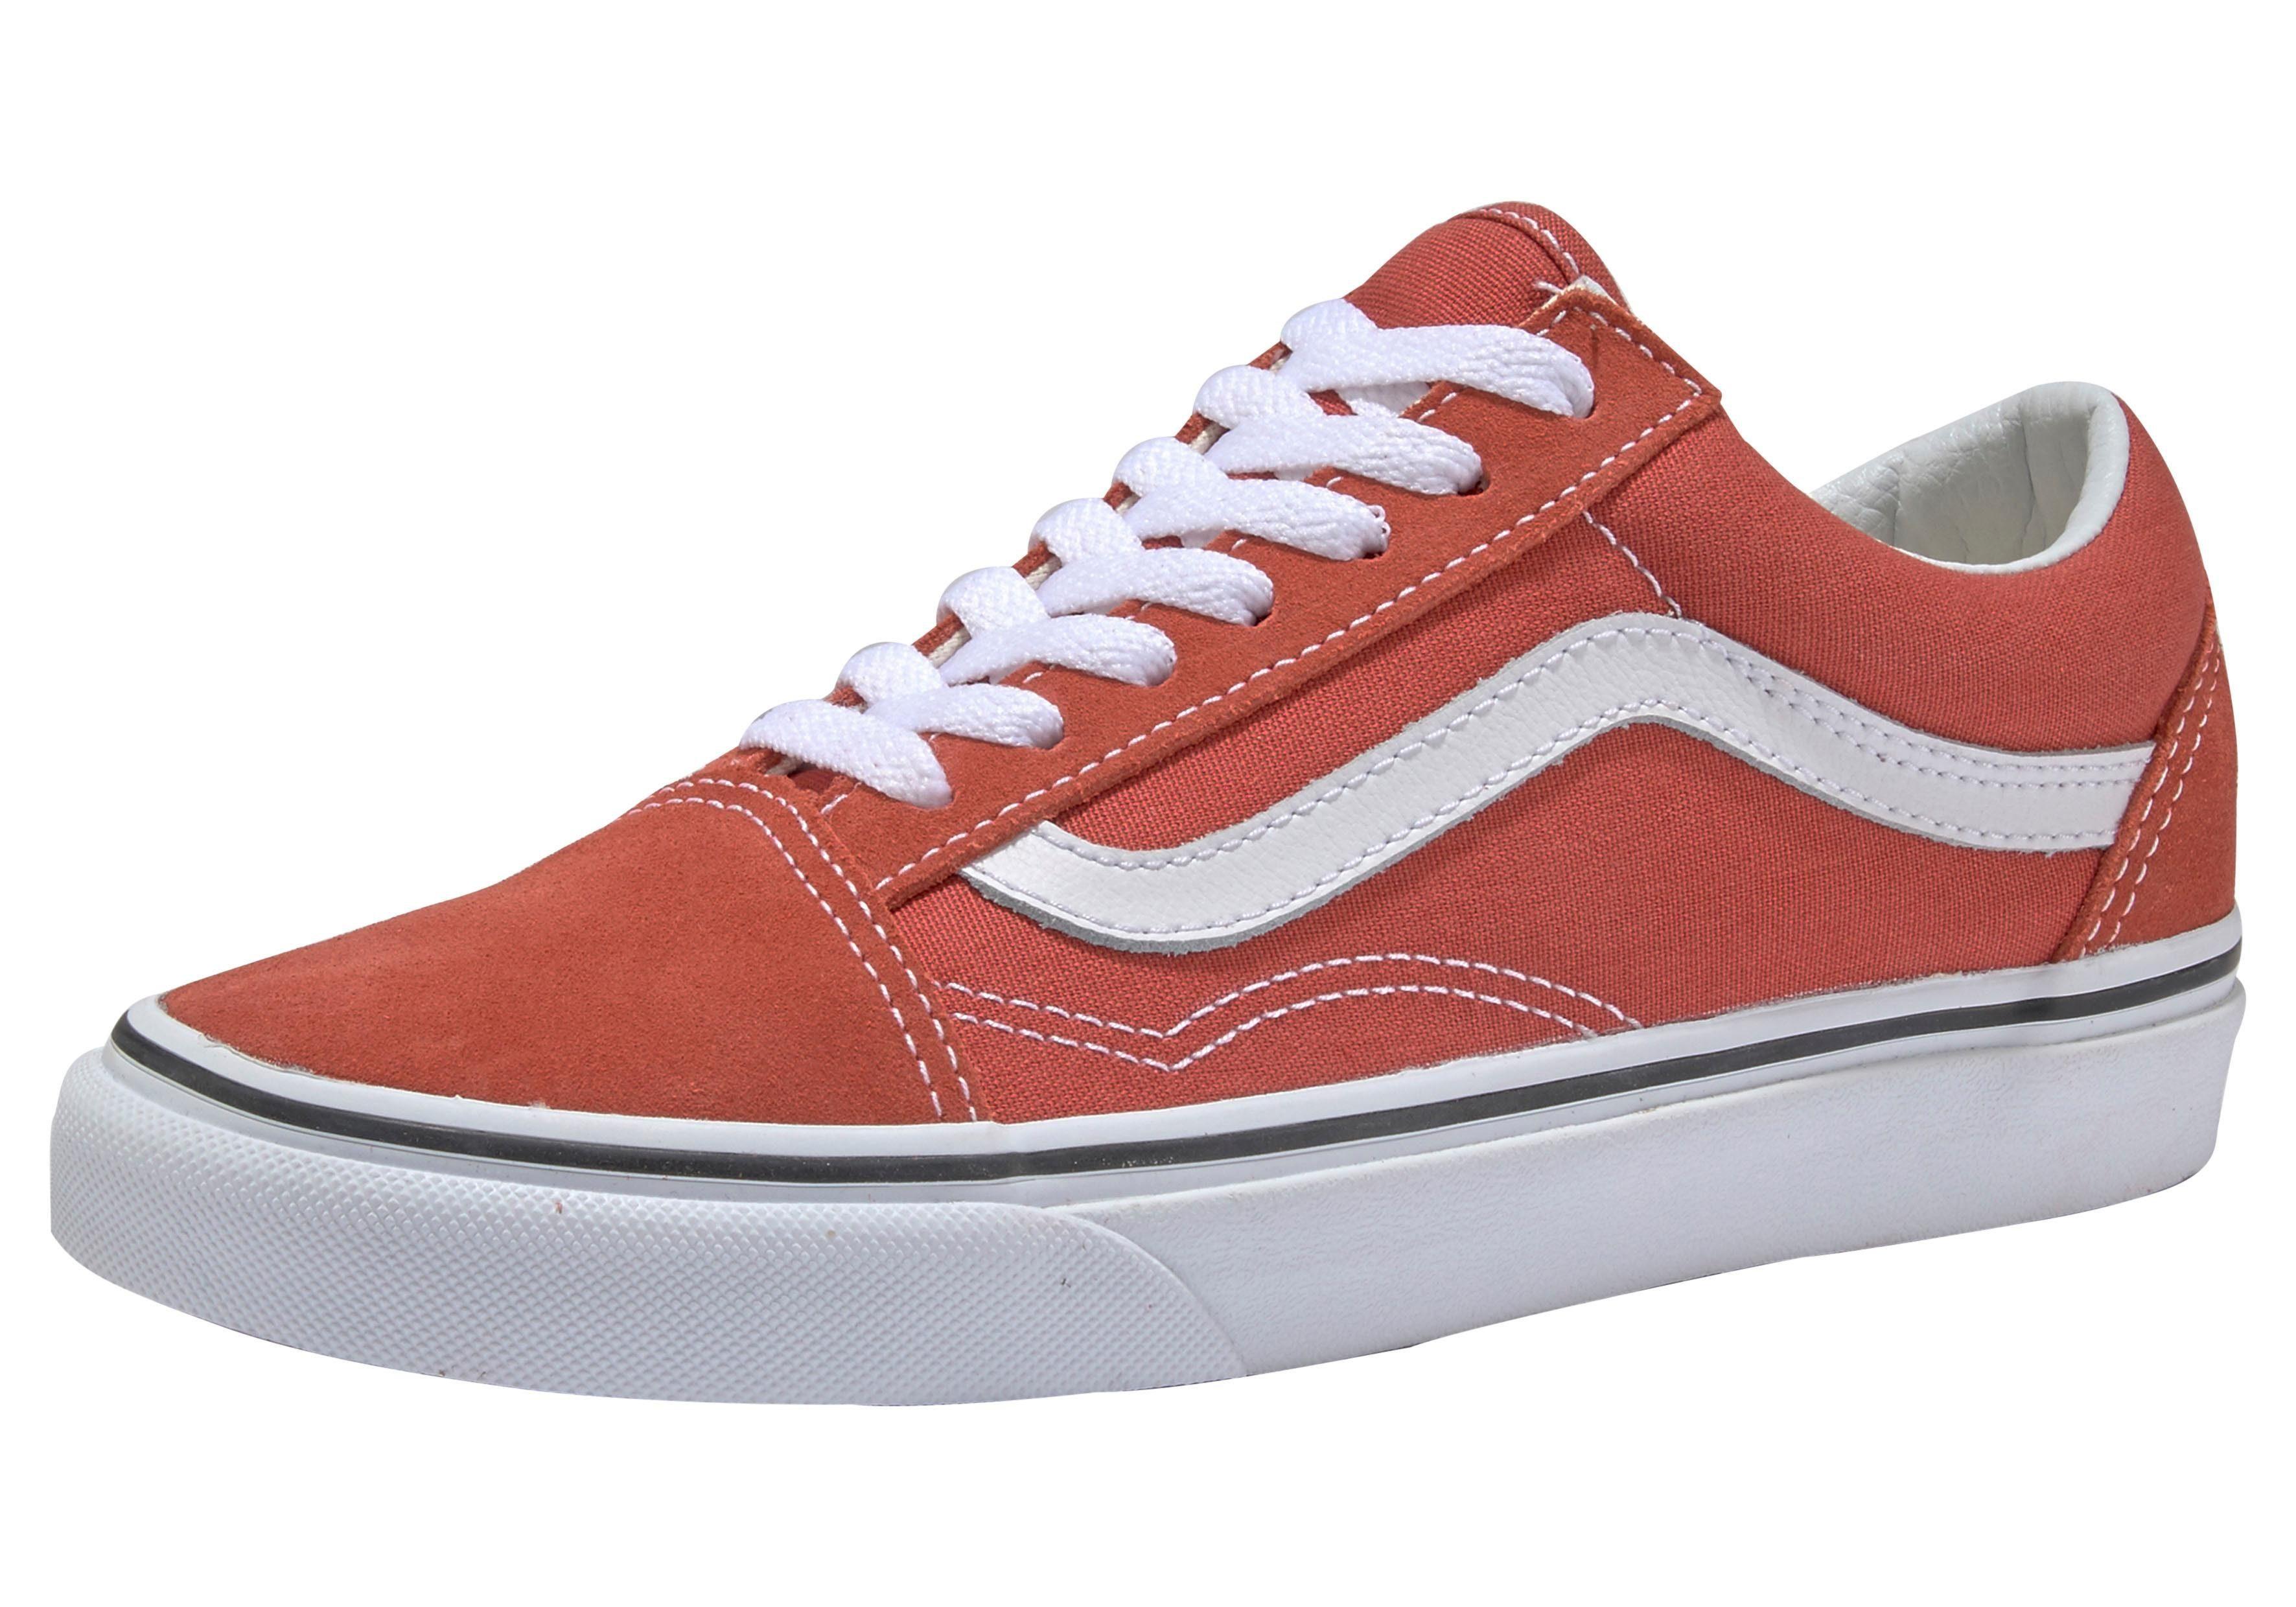 Vans »Old Skool F« Sneaker, Rutschhemmende und strapazierfähige Gummilaufsohle online kaufen | OTTO